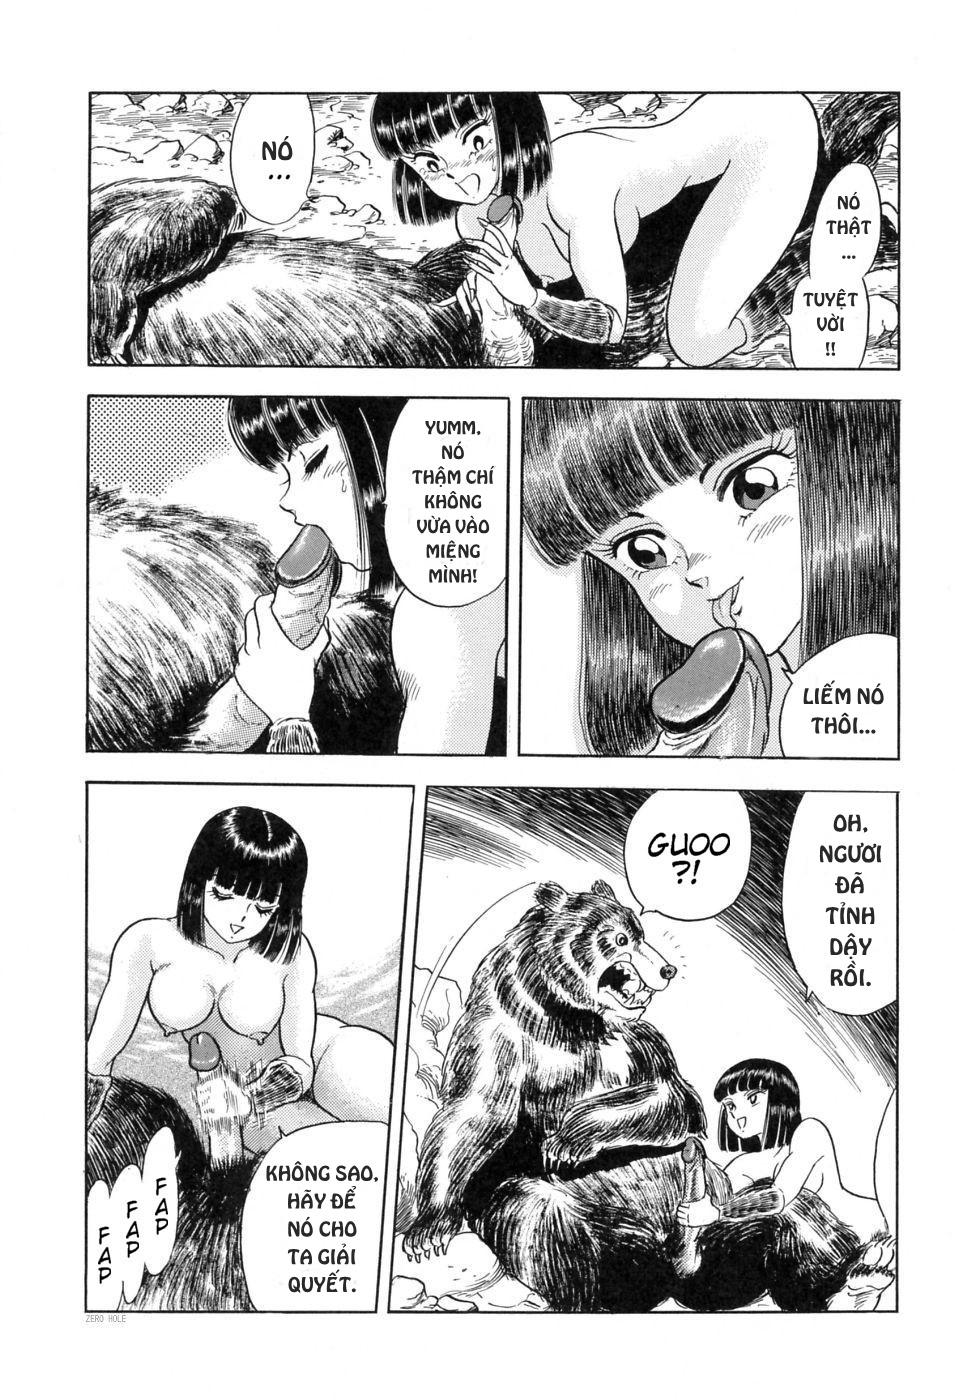 HentaiVN.net - Ảnh 11 - Kintarou - Hontou wa Eroi Otogibanashi - Oneshot